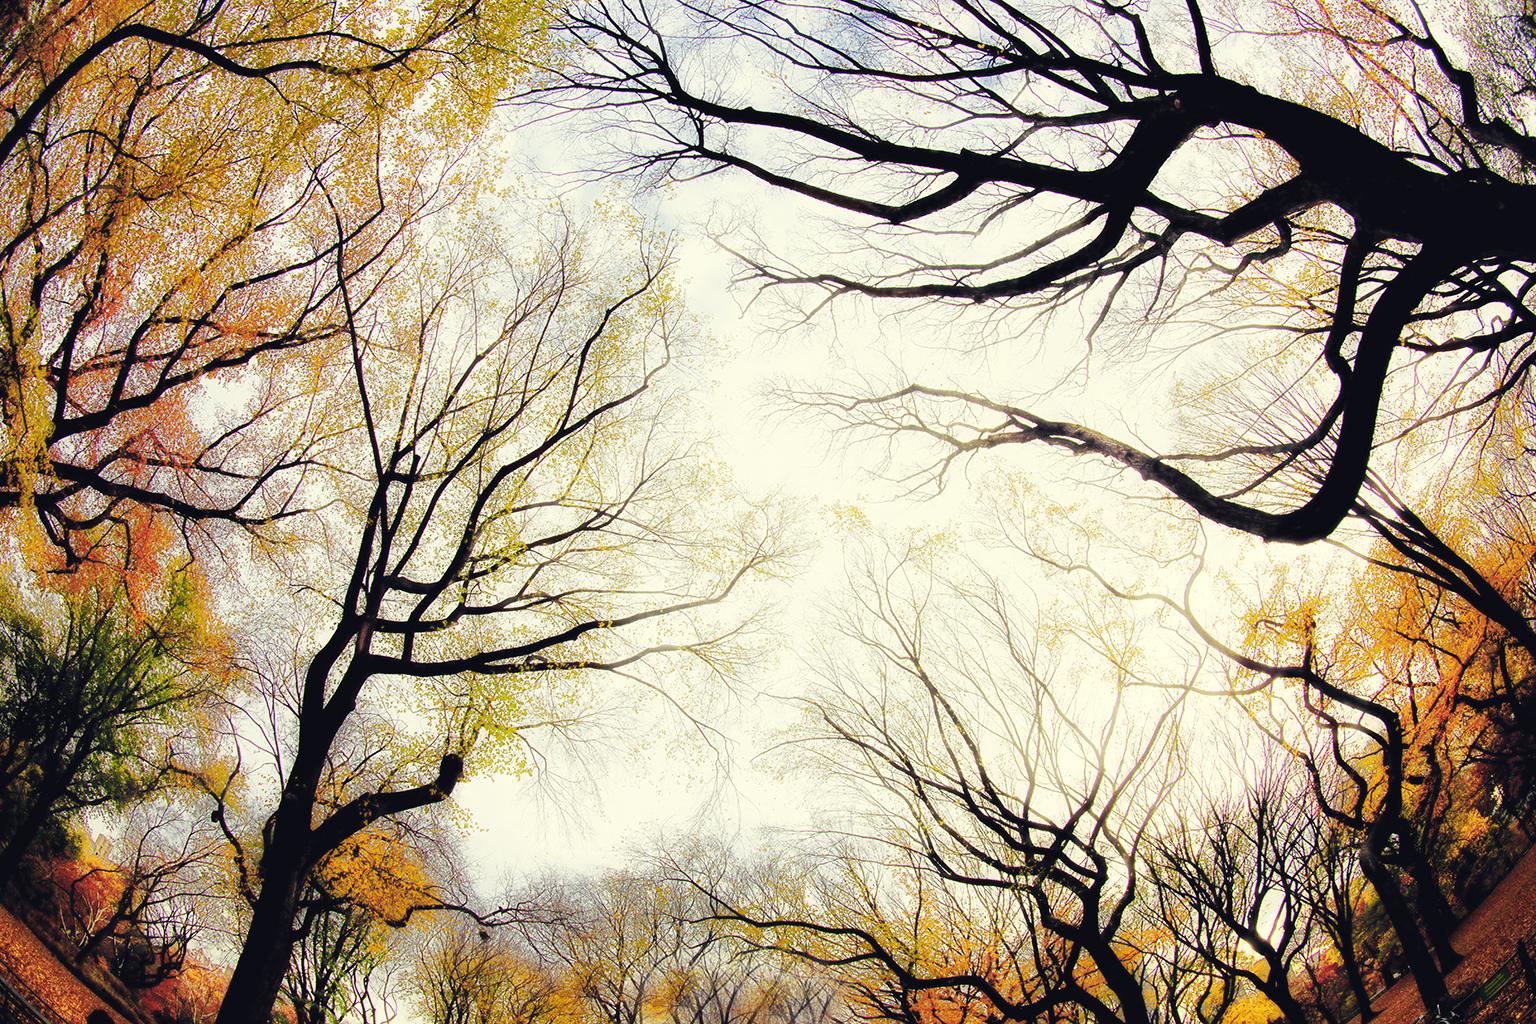 CENTRAL PARK TREES D